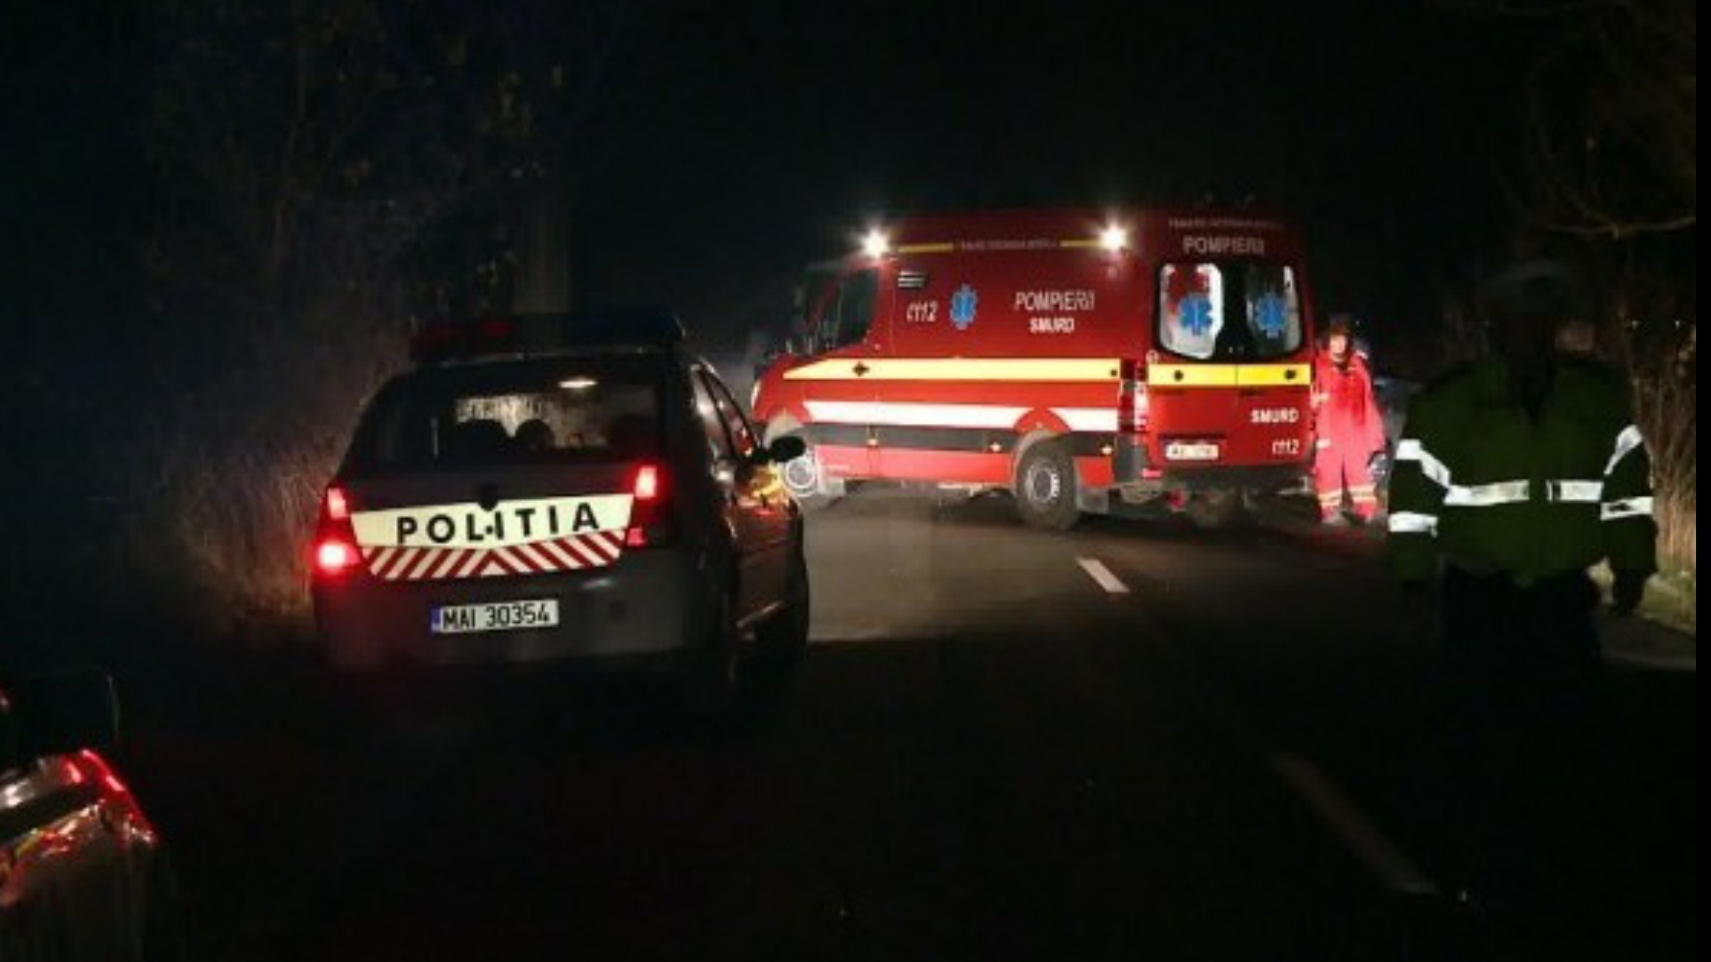 ALERTĂ în Vrancea: un băiat de 16 ani a MURIT după ce a fost lovit de o mașină! Șoferul a fugit de la locul accidentului!